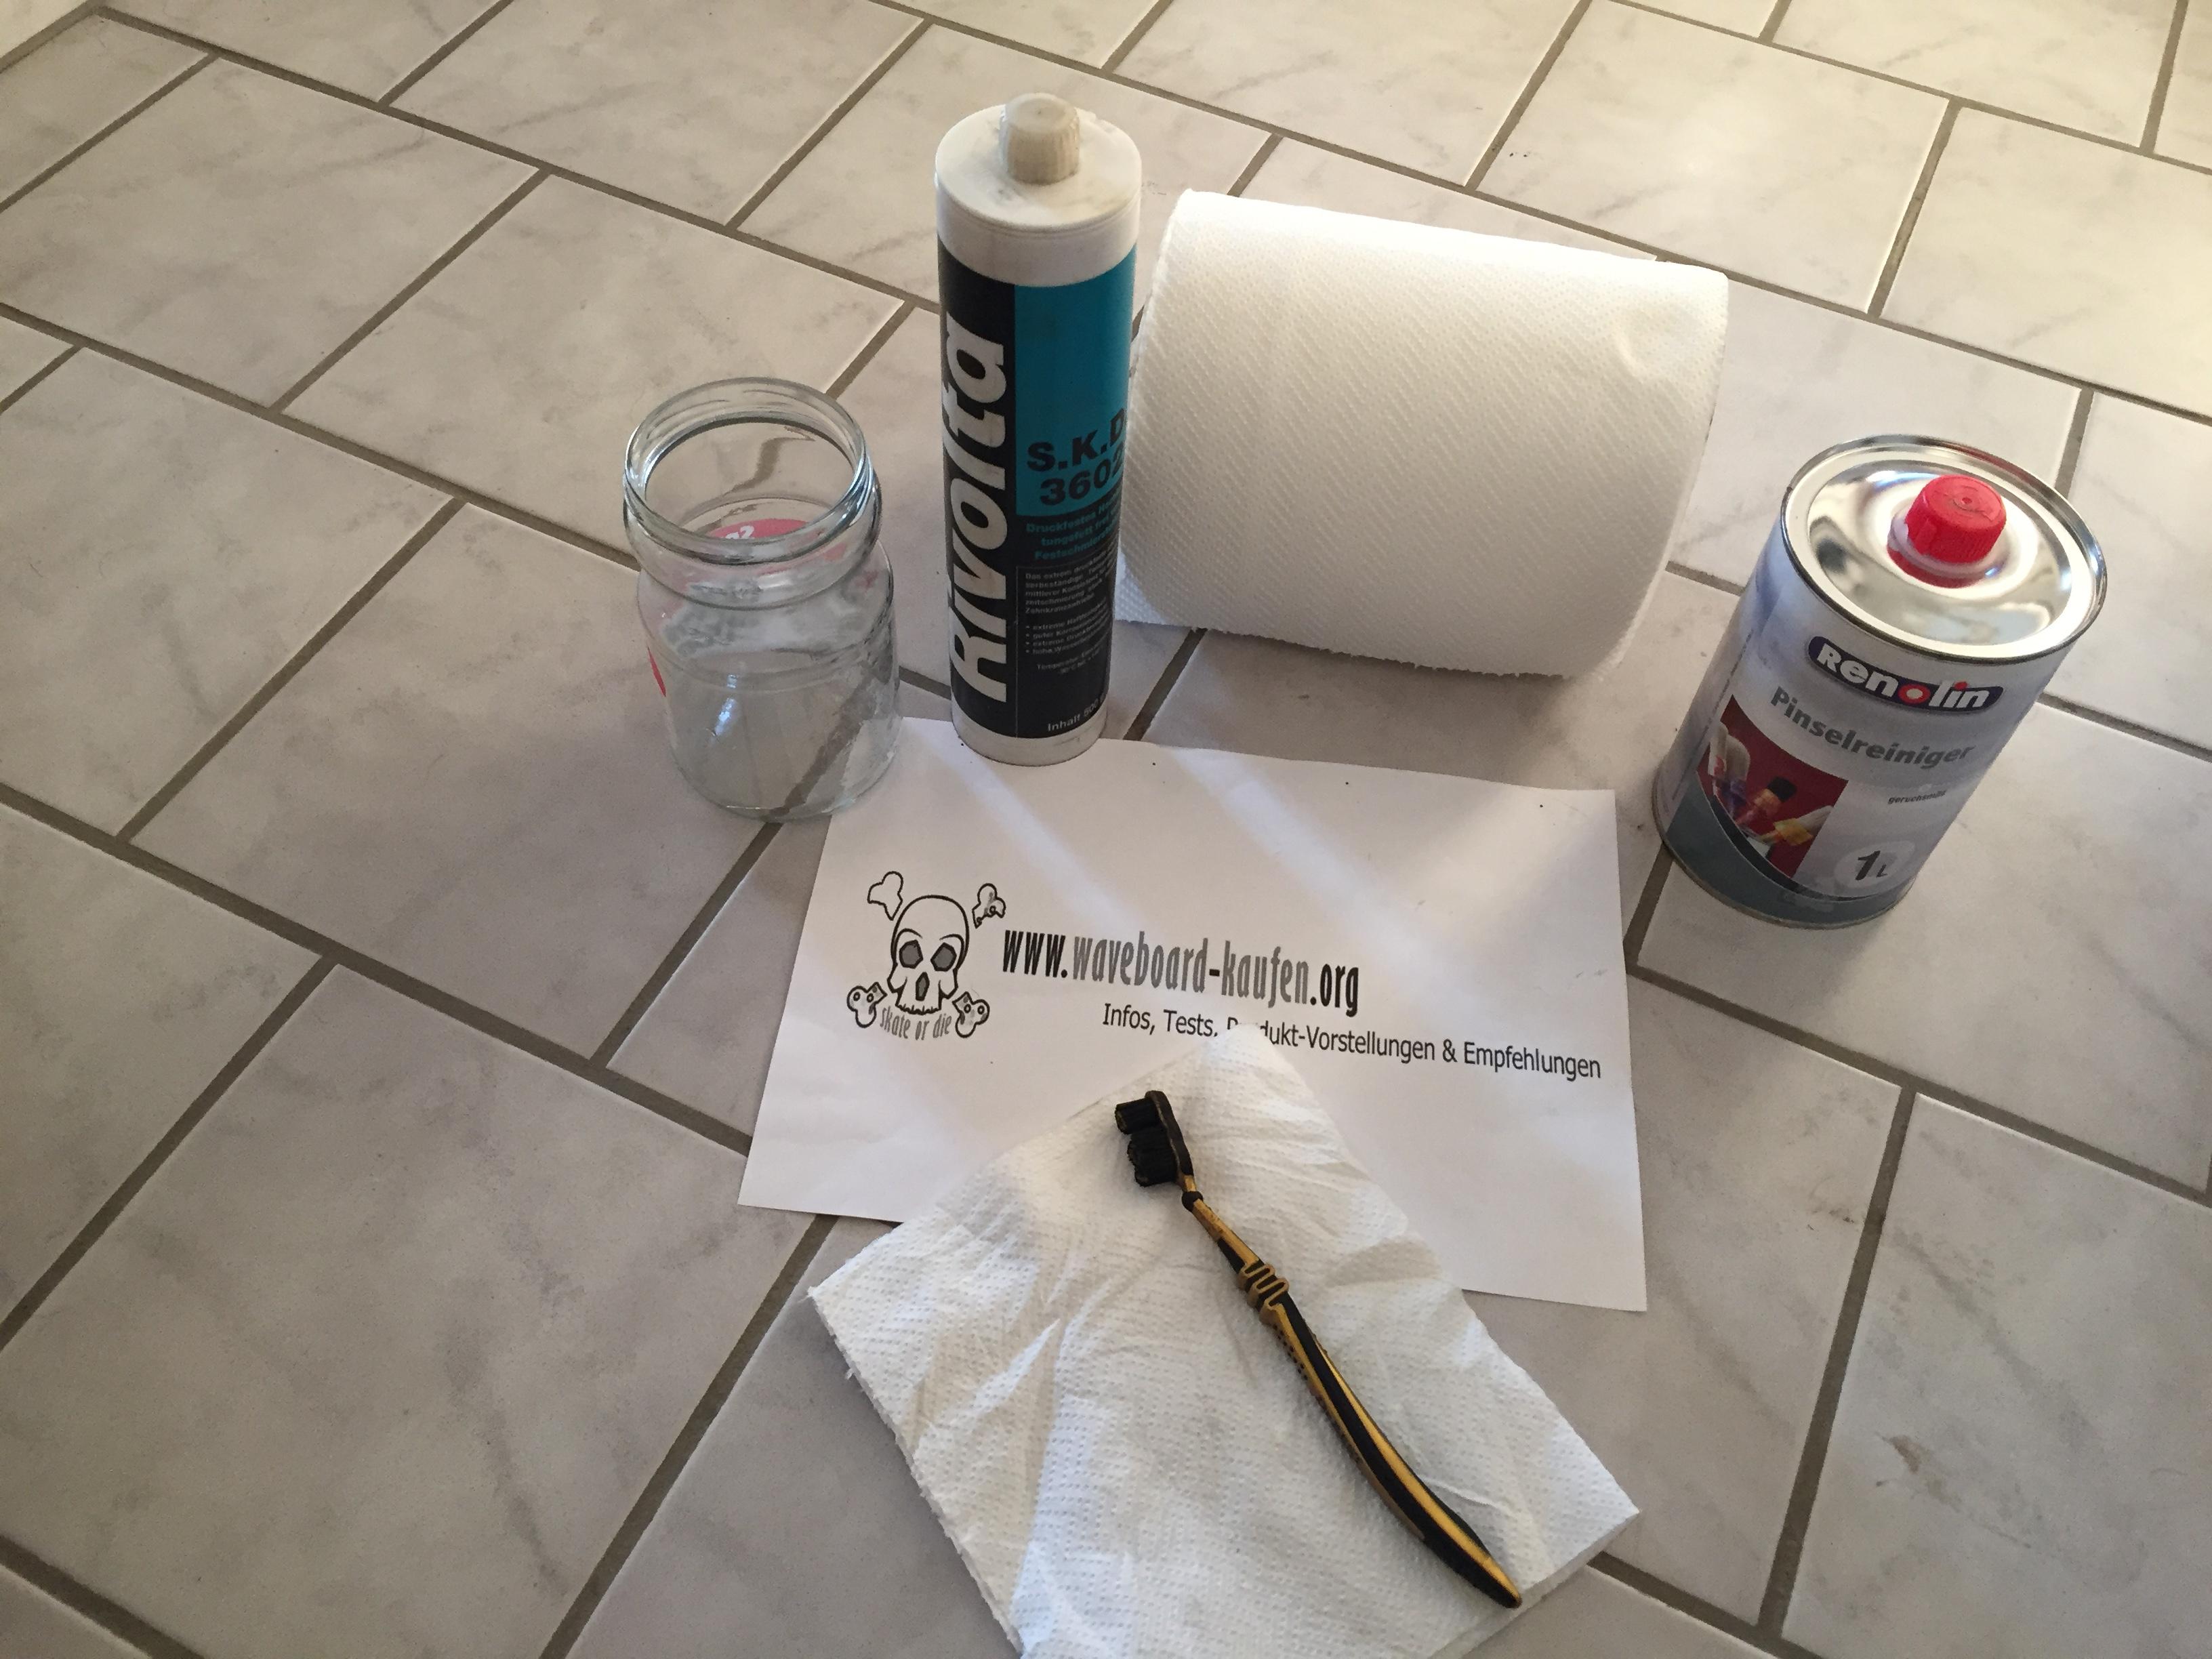 Das Material das zur Kugellagerreinigung  benötigt wird auf einen Blick - Putztücher, Zahnbürste oder weiche Drahtbürste, Pinselreiniger (Bremsreiniger Aceton etc.), ein leeres Glas und Kugellagerfett bzw. Hochleistungsfett